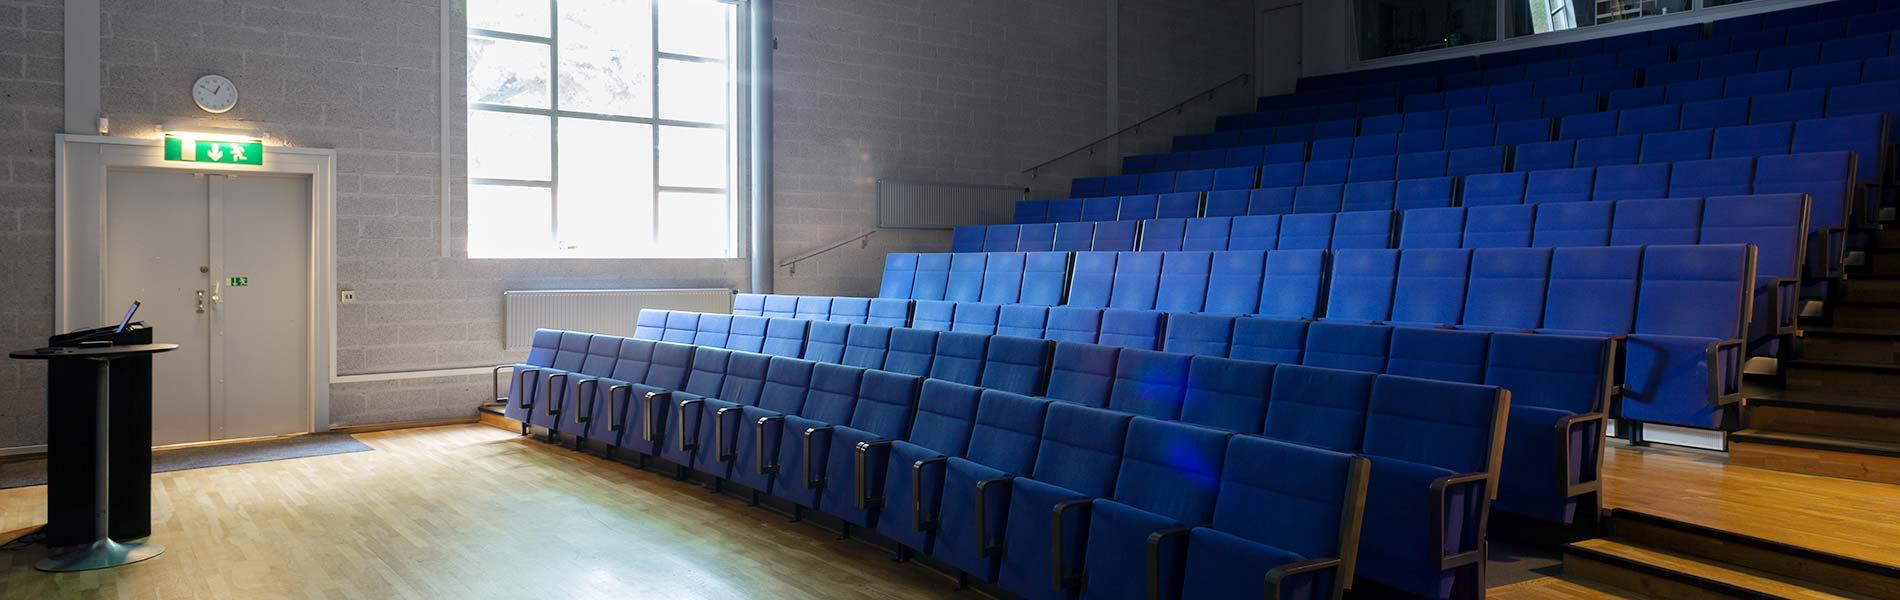 Hörsal eller aula med 180 sittplatser i biosittning